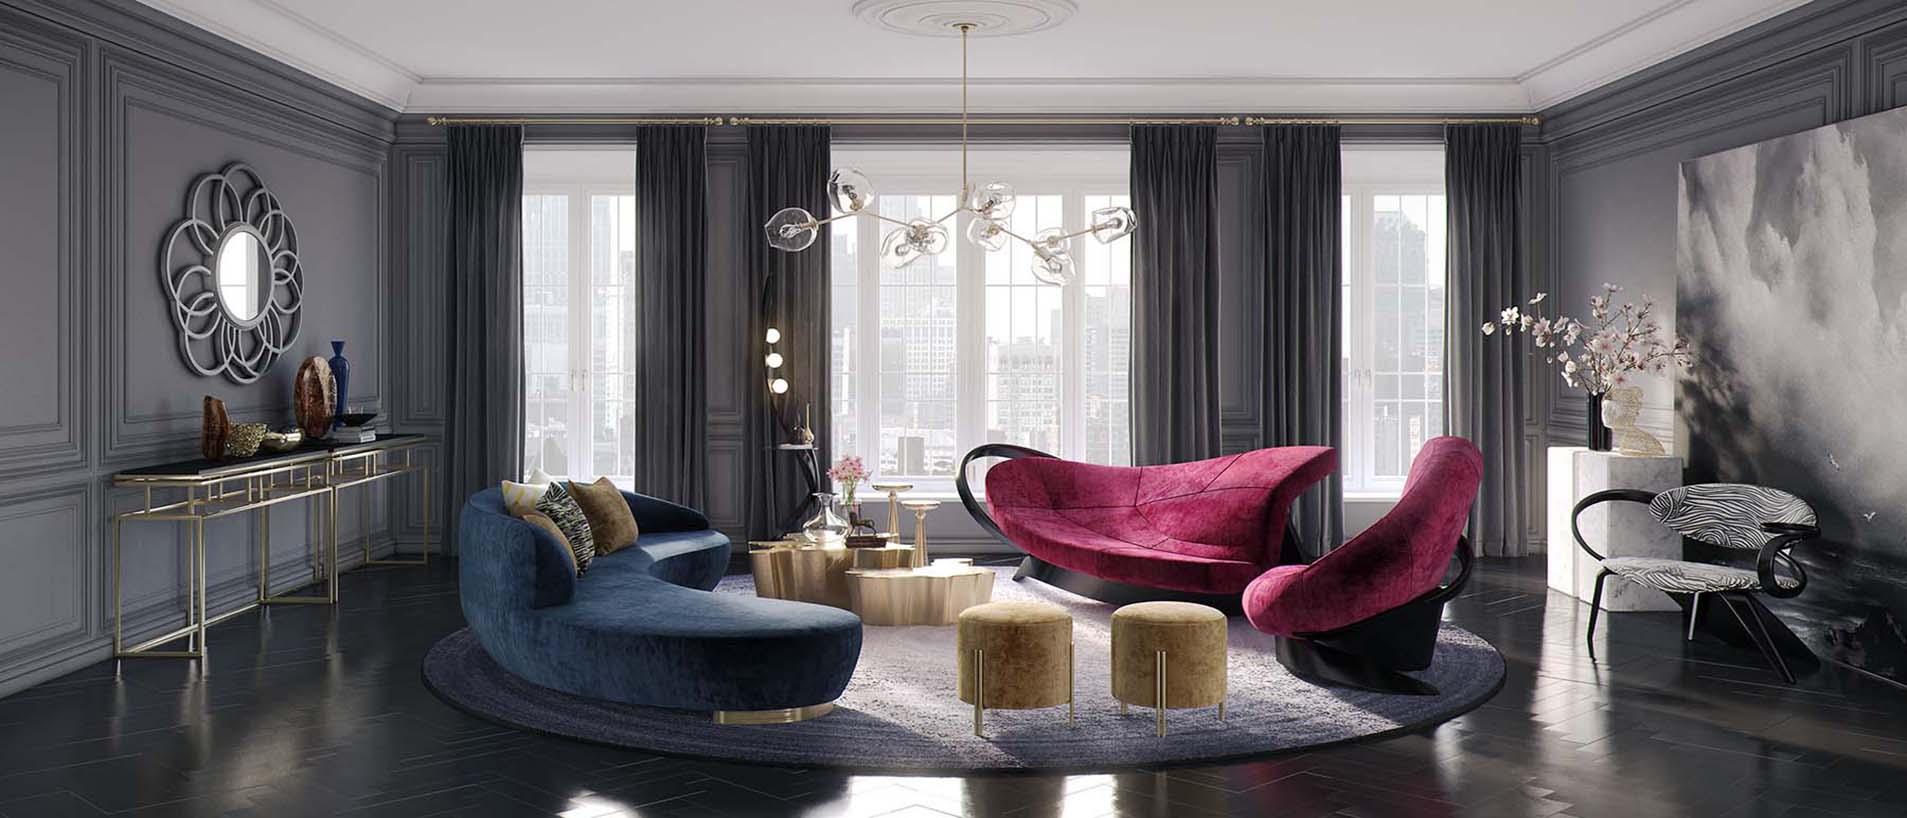 Гостиная с дизайнерской мебелью